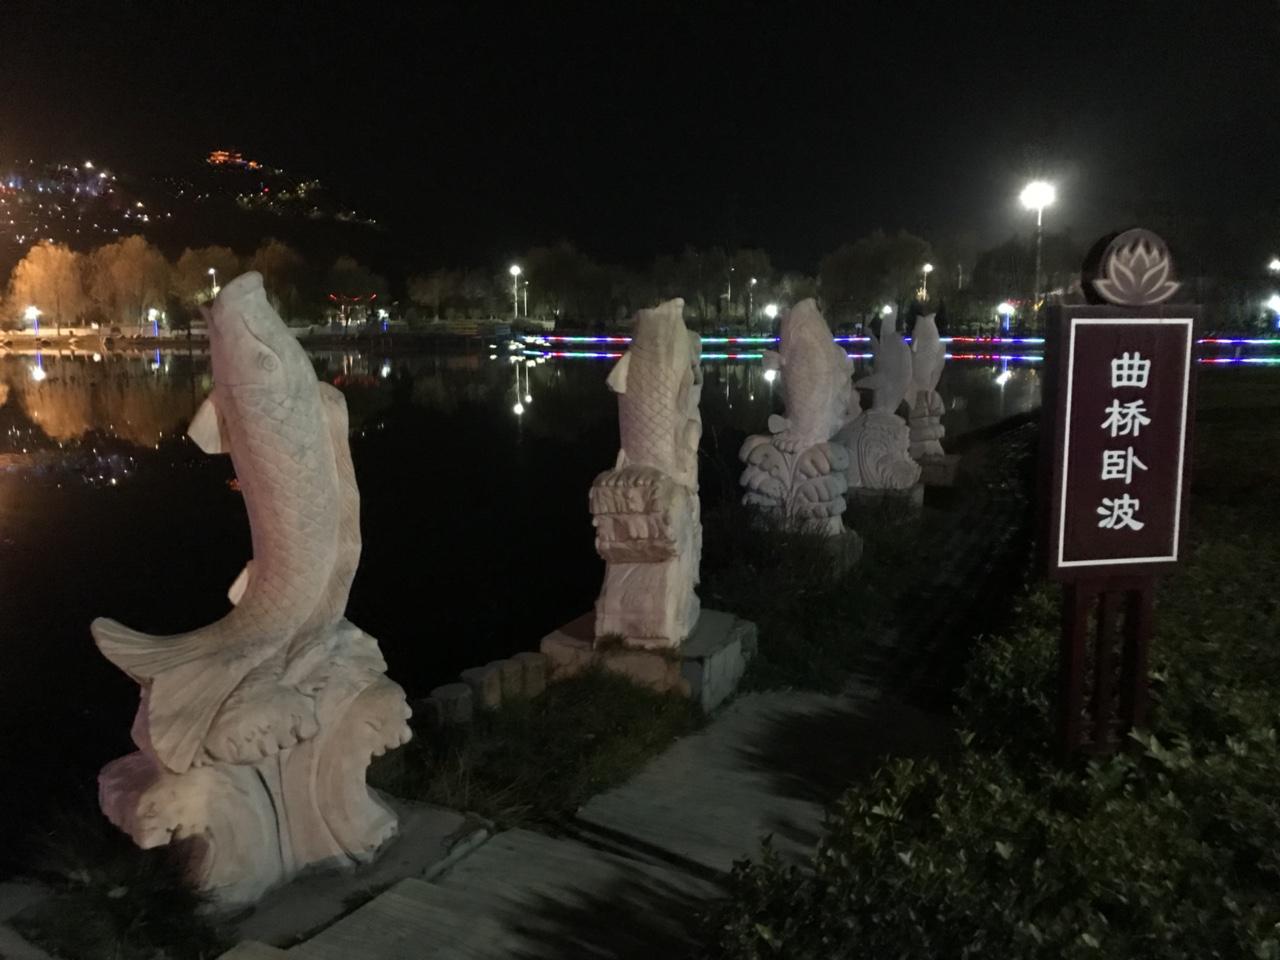 乡愁:生活在华亭这个城市真有点幸福